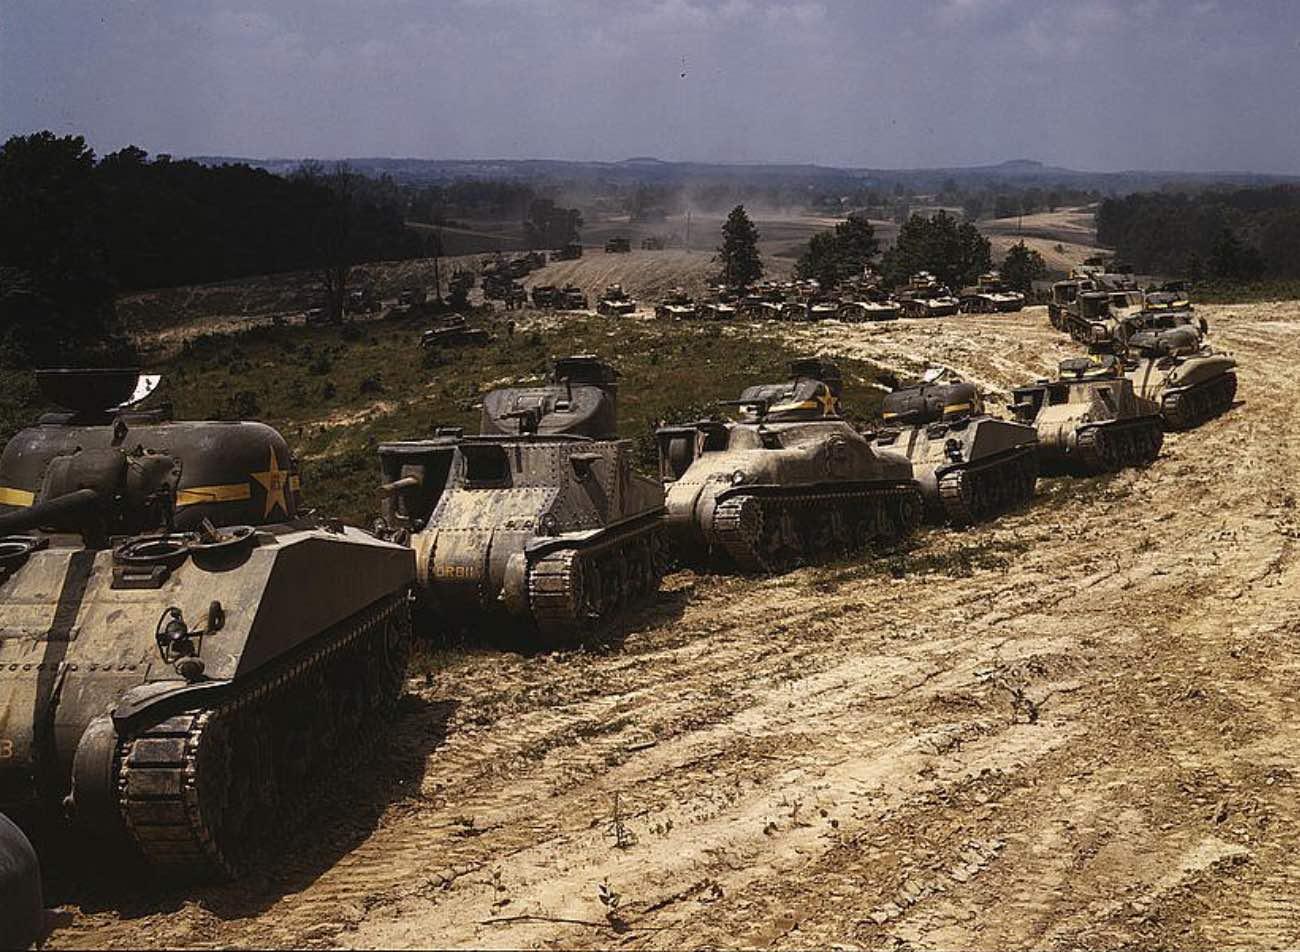 Tanks at Fort Knox, KY,